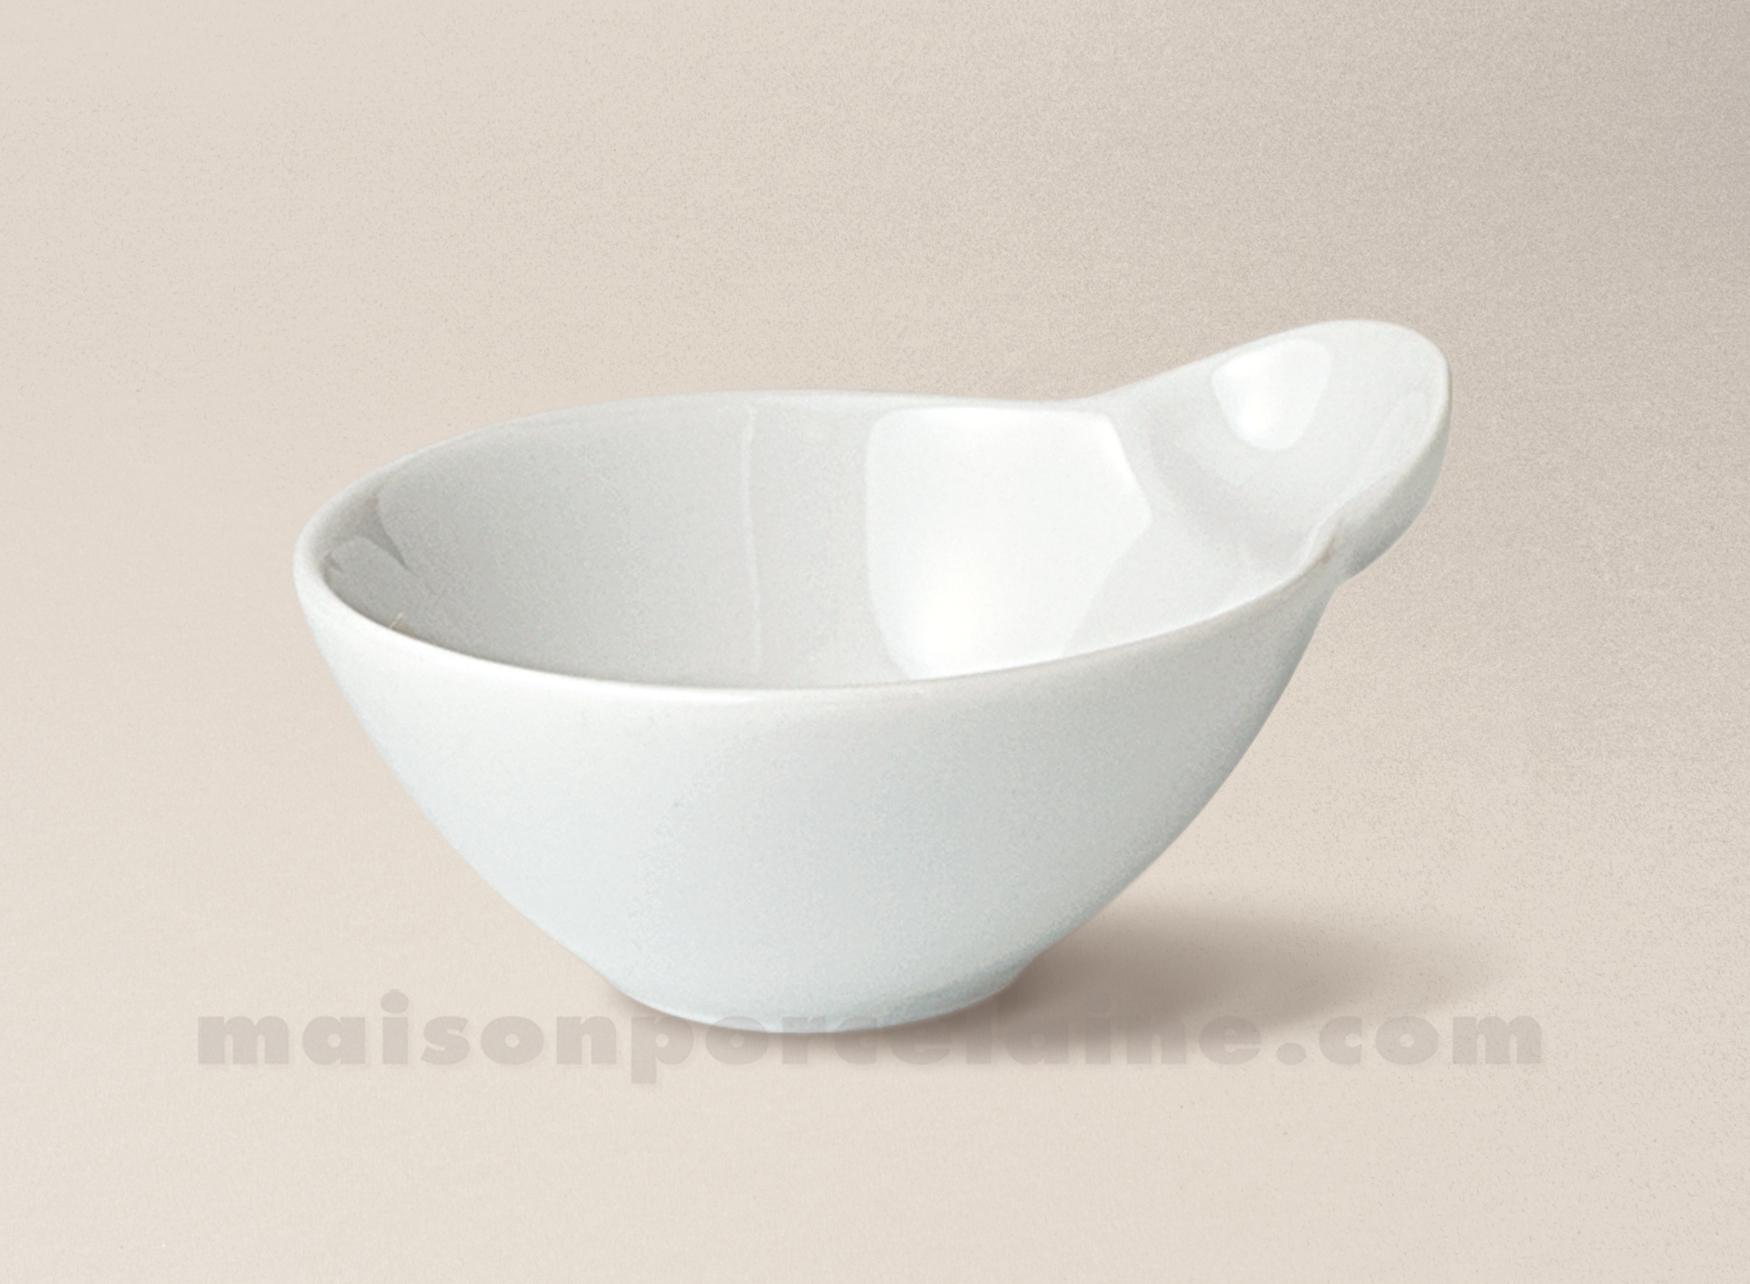 Mise en bouche porcelaine blanche pouce 8x6 5 maison de for Interieur de la bouche blanche